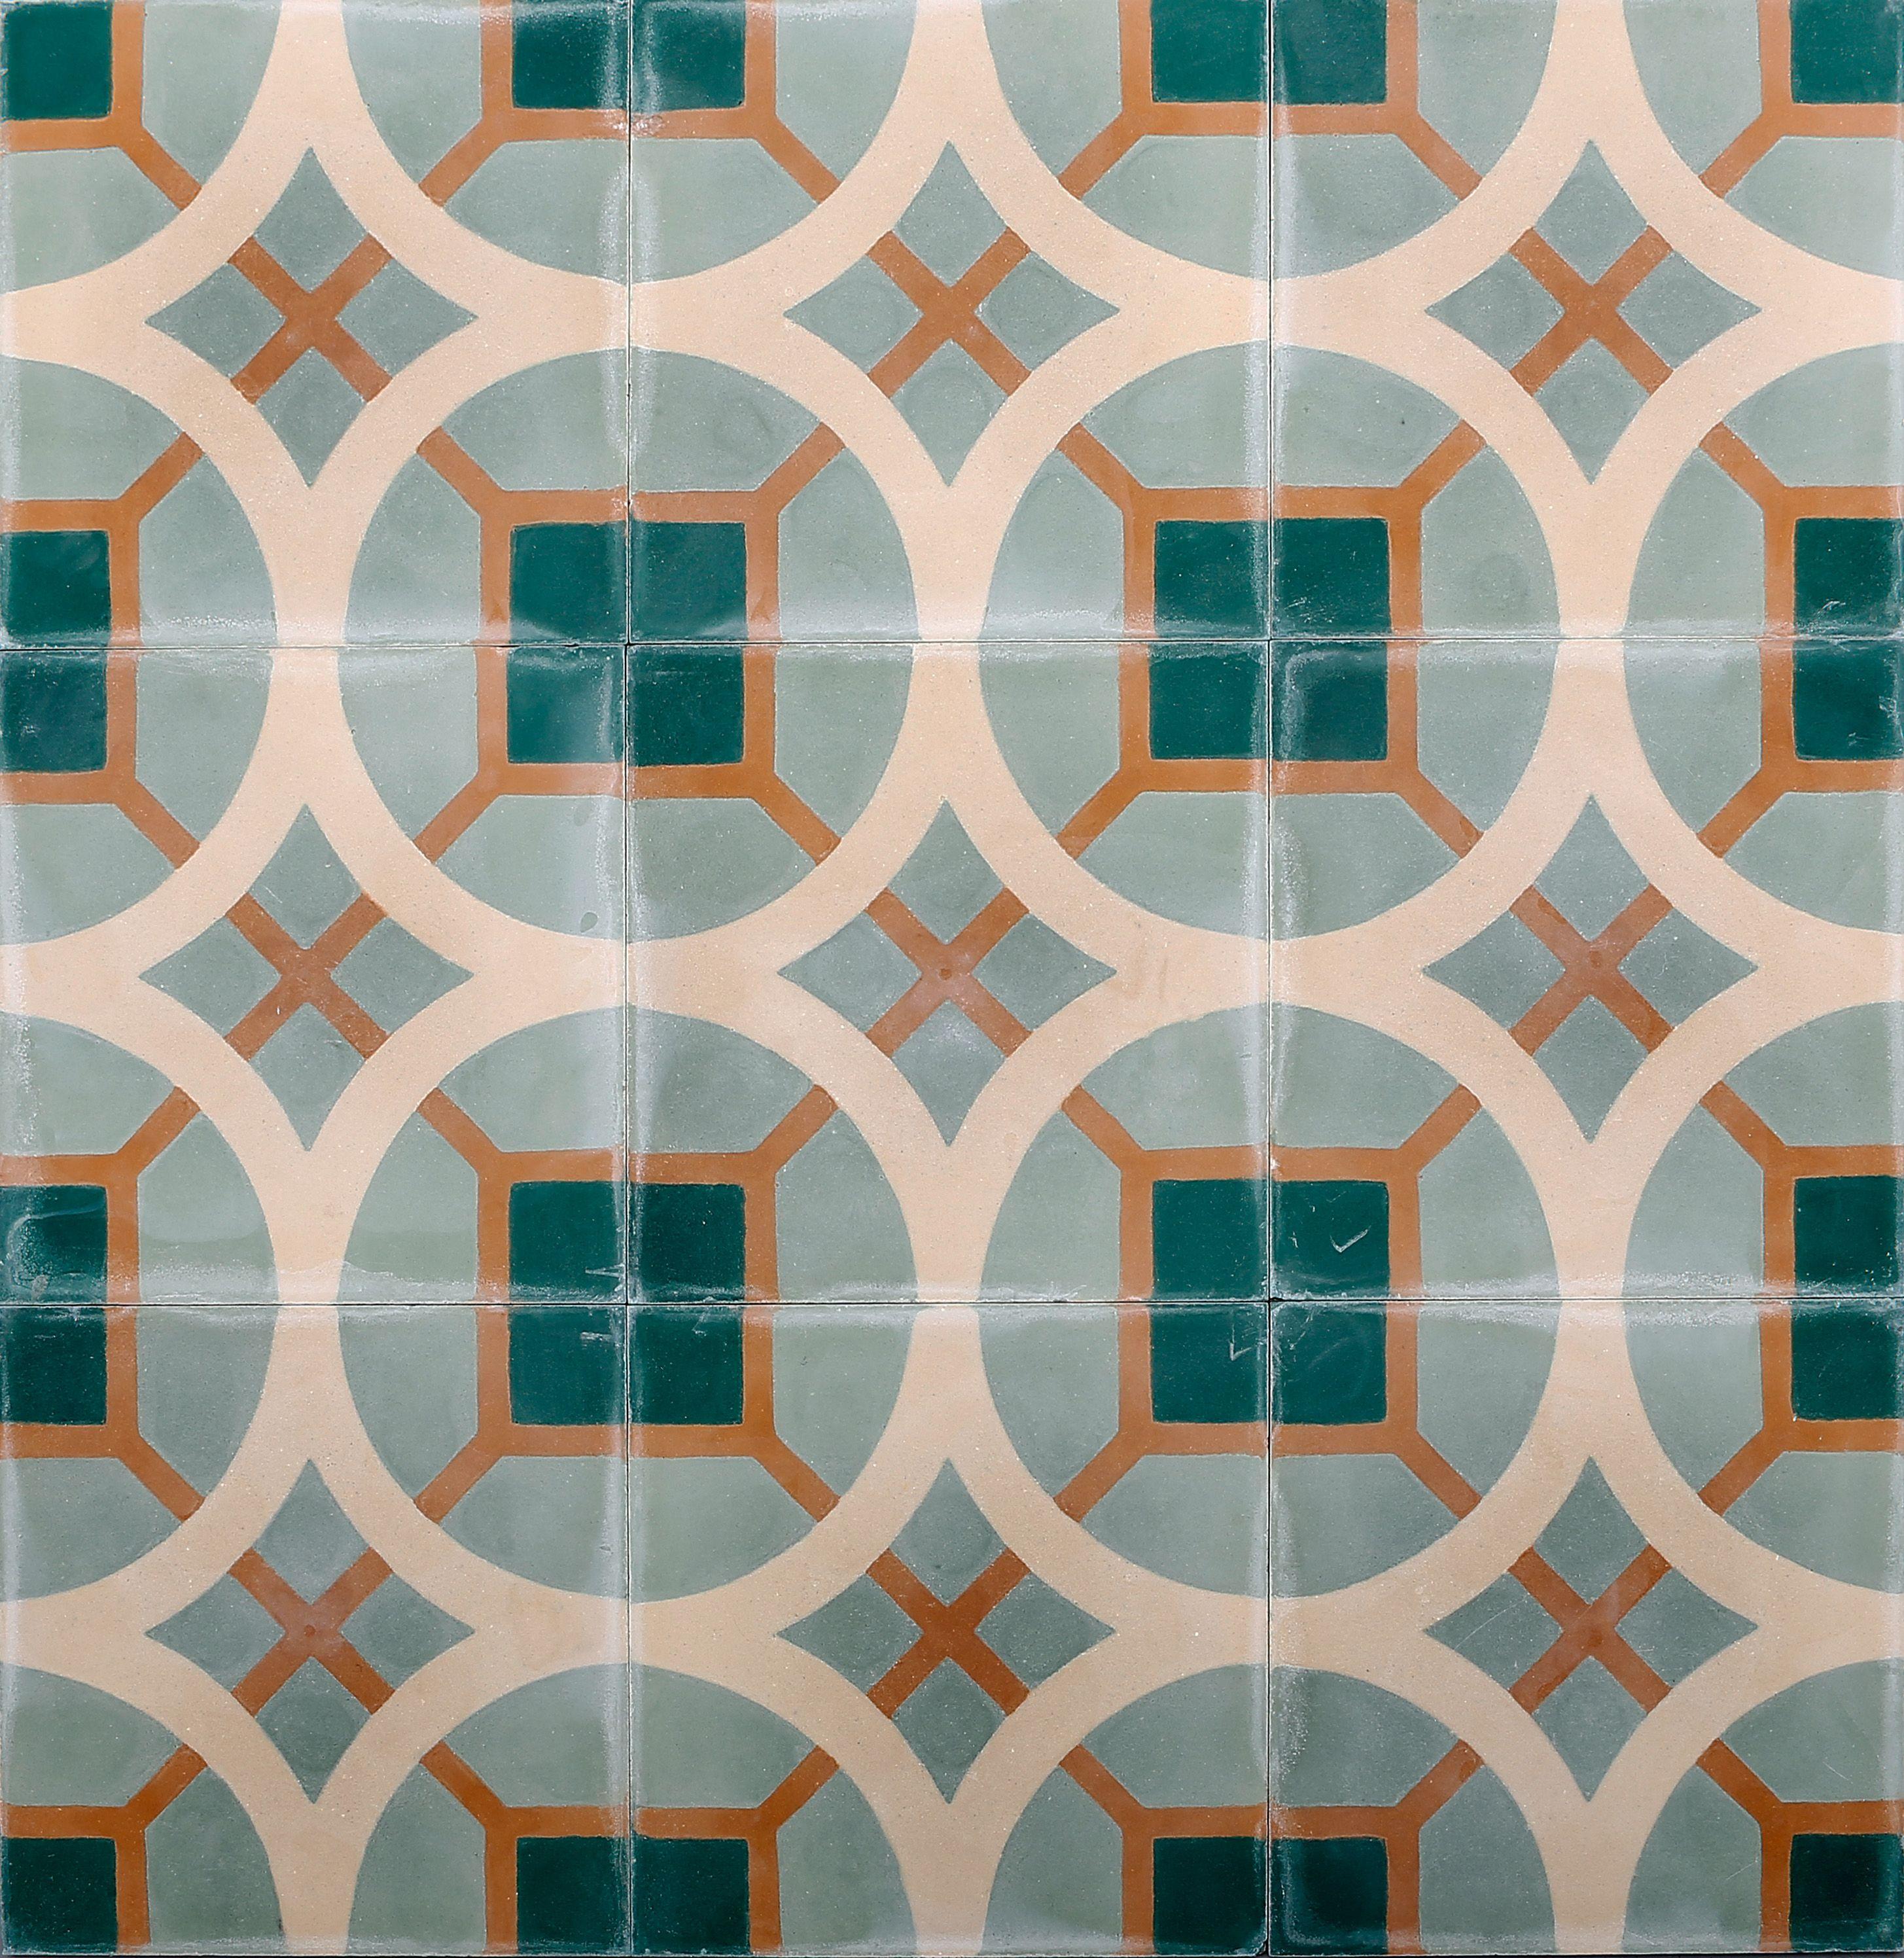 Salle De Bain Chocolat Turquoise Épinglé sur sols / floors